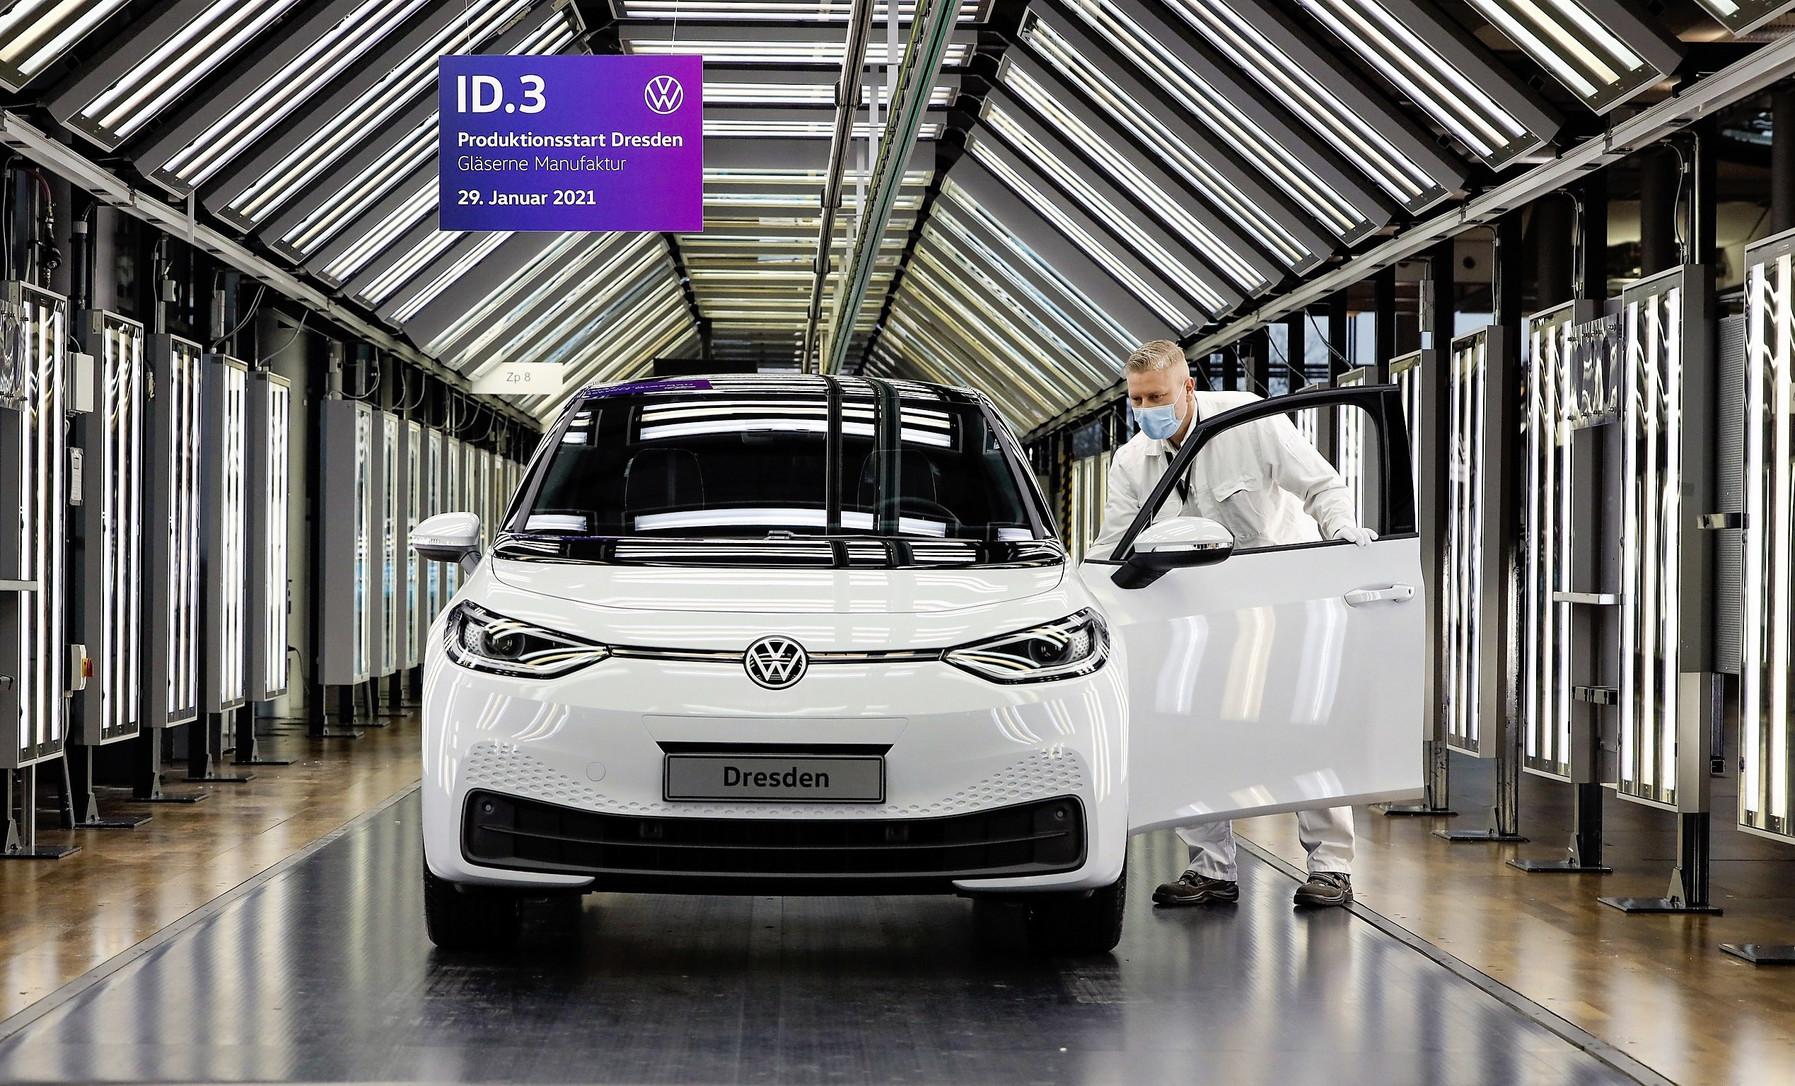 Volkswagen comienza la producción del ID.3 en la Fábrica de Cristal de Dresde a un ritmo de 35 unidades diarias